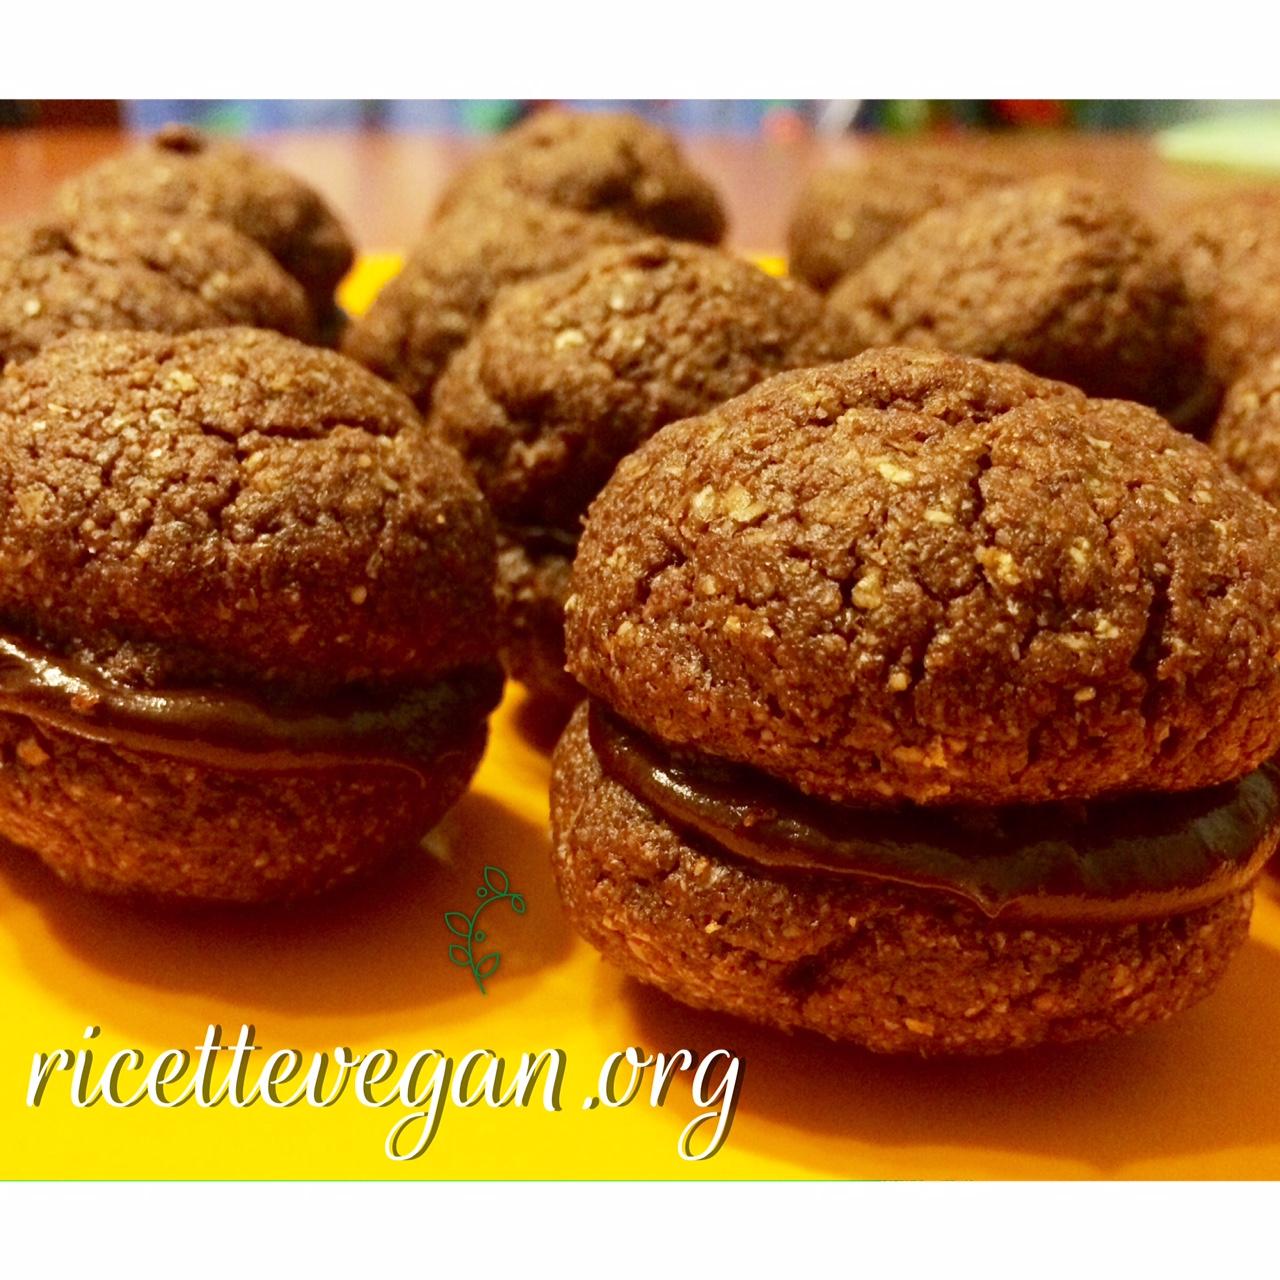 ricettevegan.org Baci di Dama Vegan - Baci di Dama Vegan